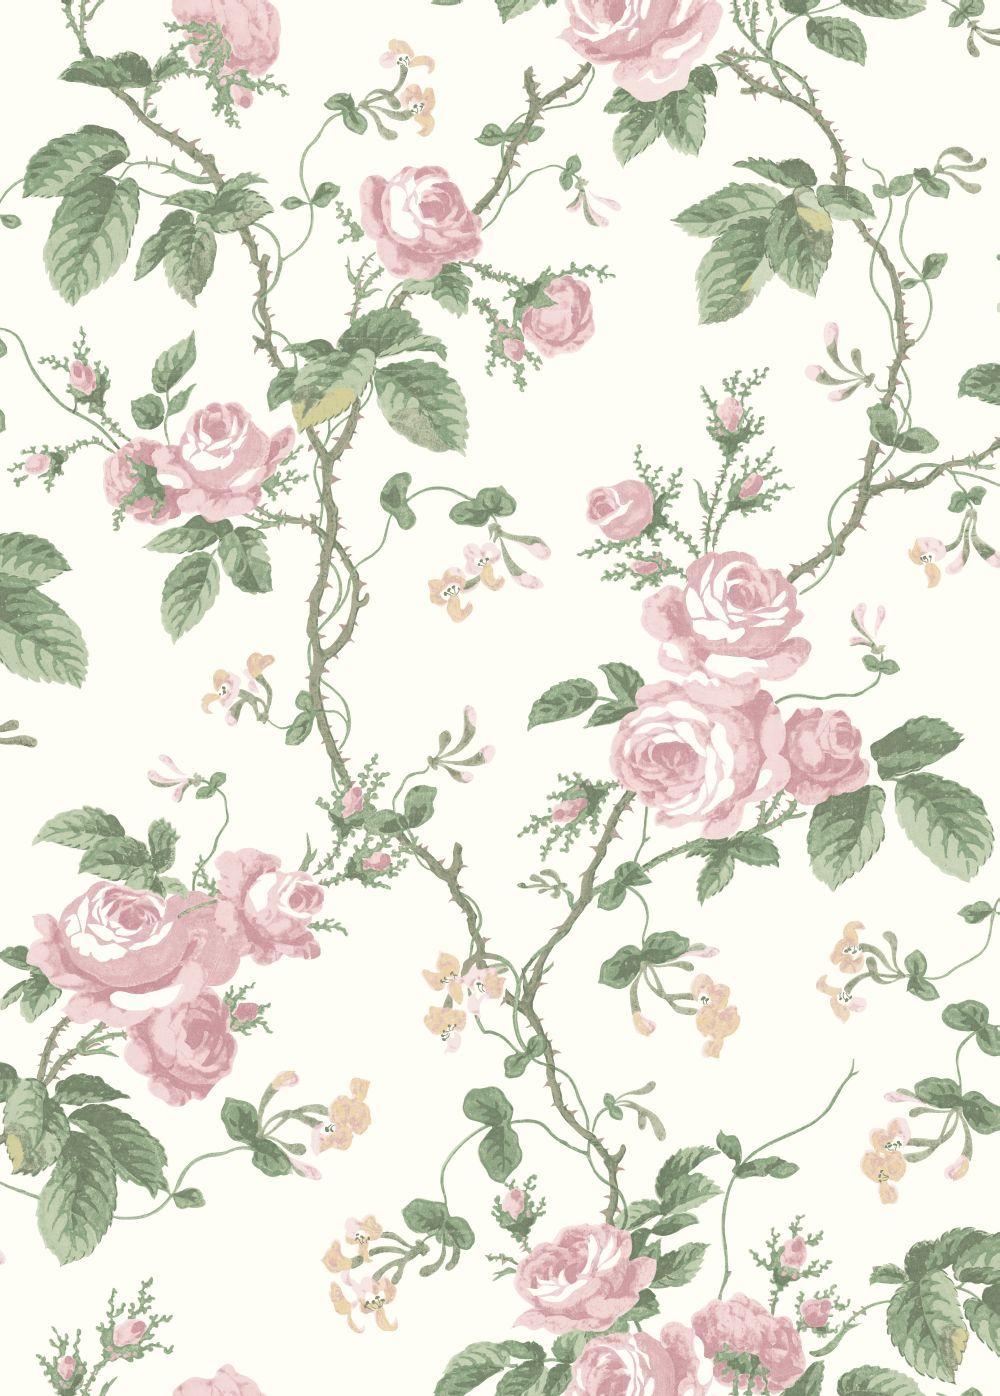 French Roses By Borastapeter Pink Wallpaper Wallpaper Direct Flowery Wallpaper Wallpaper Floral Wallpaper